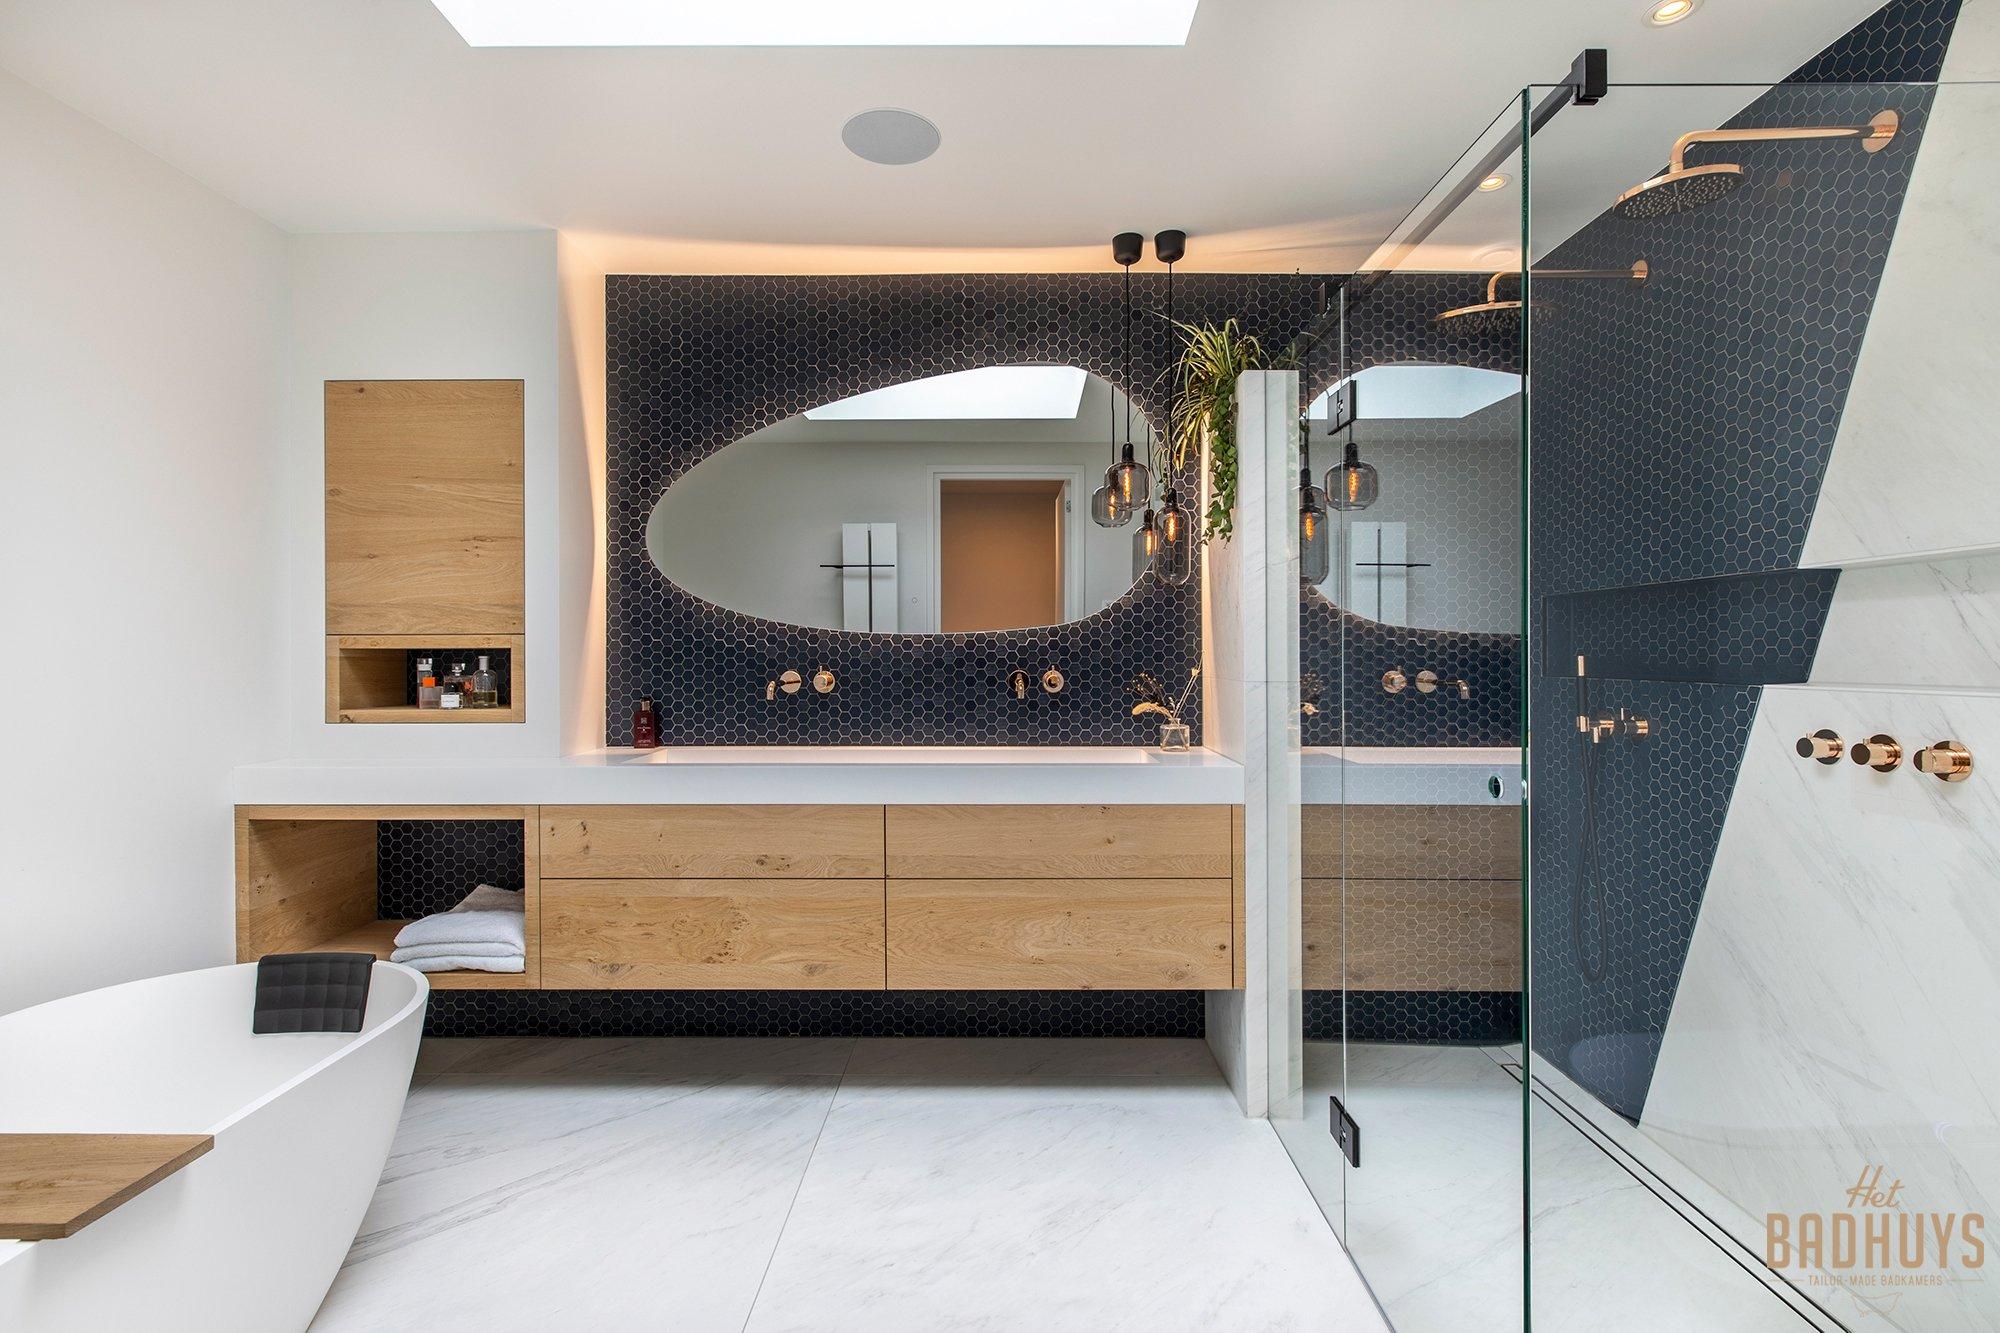 Complete badkamer in Breda met luxe badkamer elementen zoals een maatwerk badkamermeubel, vrijstaand bad en dubbele douche.